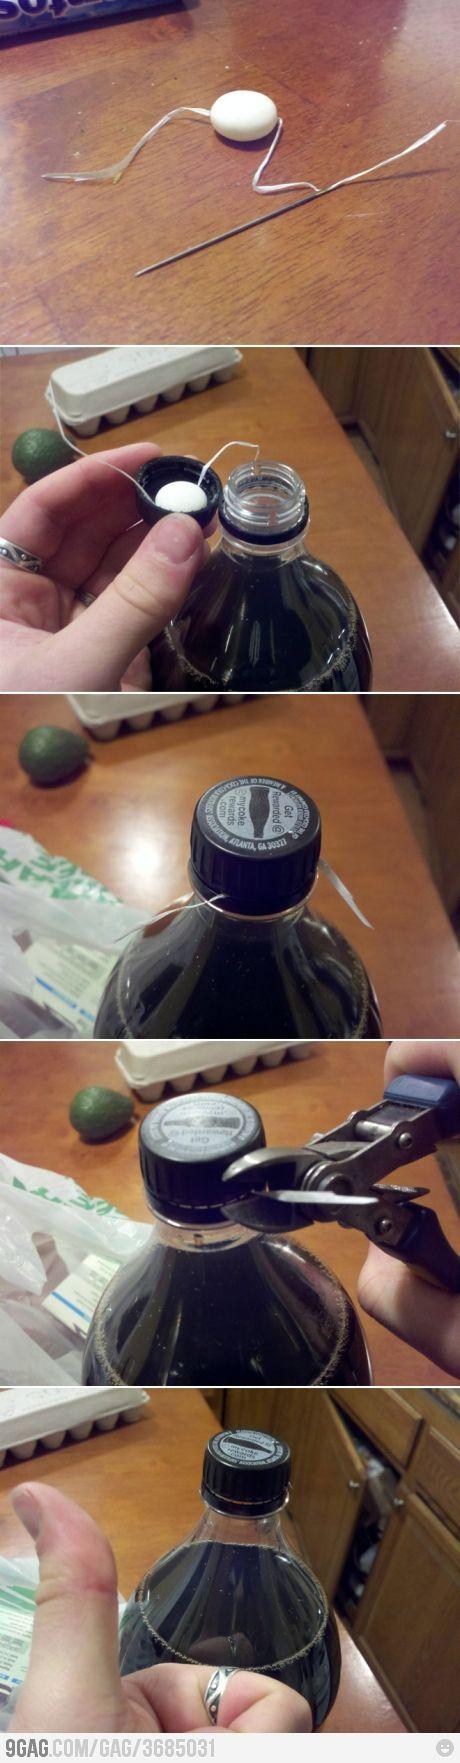 Coke + Mentos prank. I MUST DO THIS.